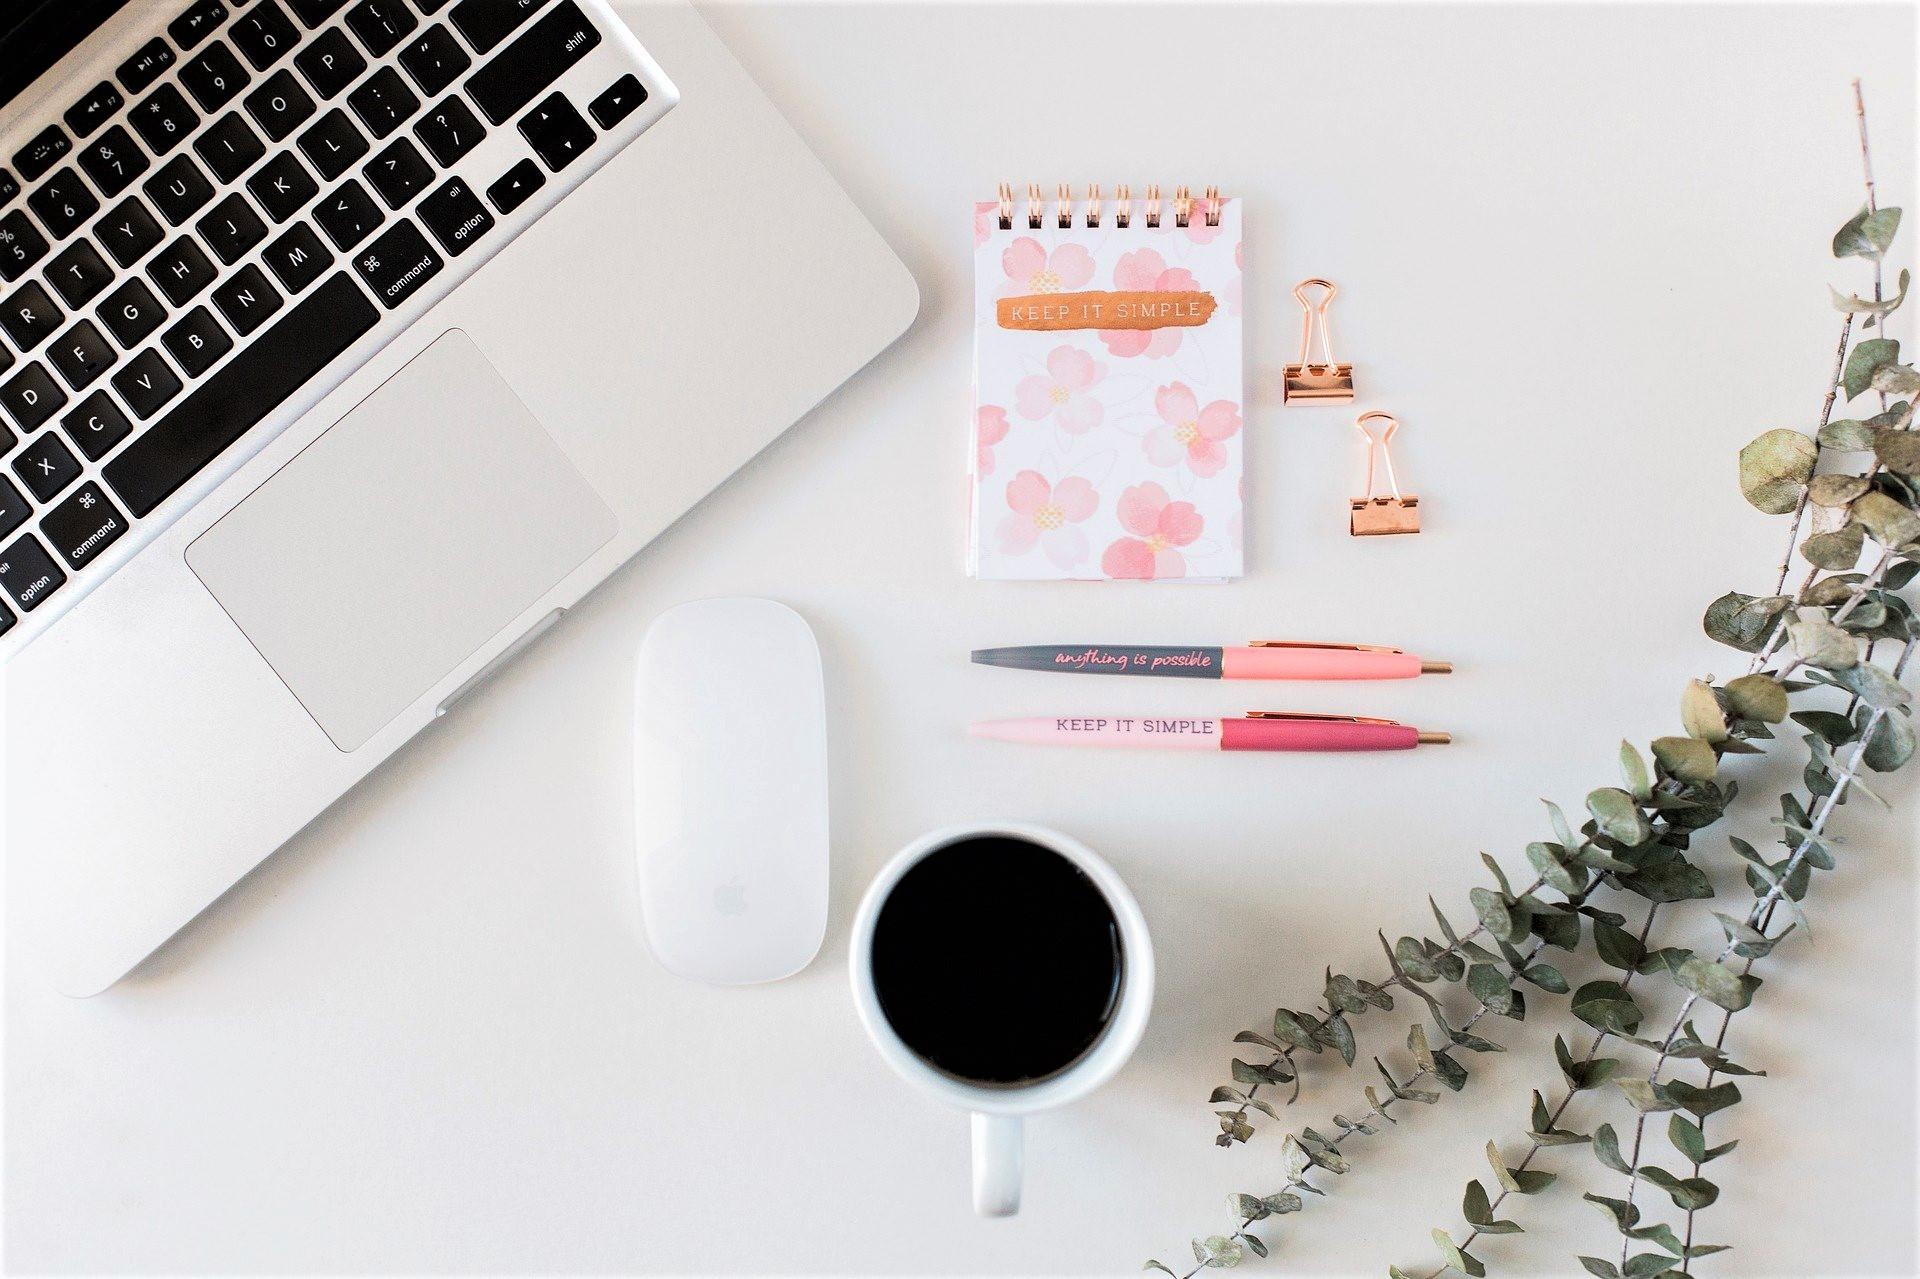 Du möchtest mit einem Blogger kooperieren? Werde dir über die Wertschätzung von Bloggern klar. Unsere Arbeit ist es wert, bezahlt zu werden!